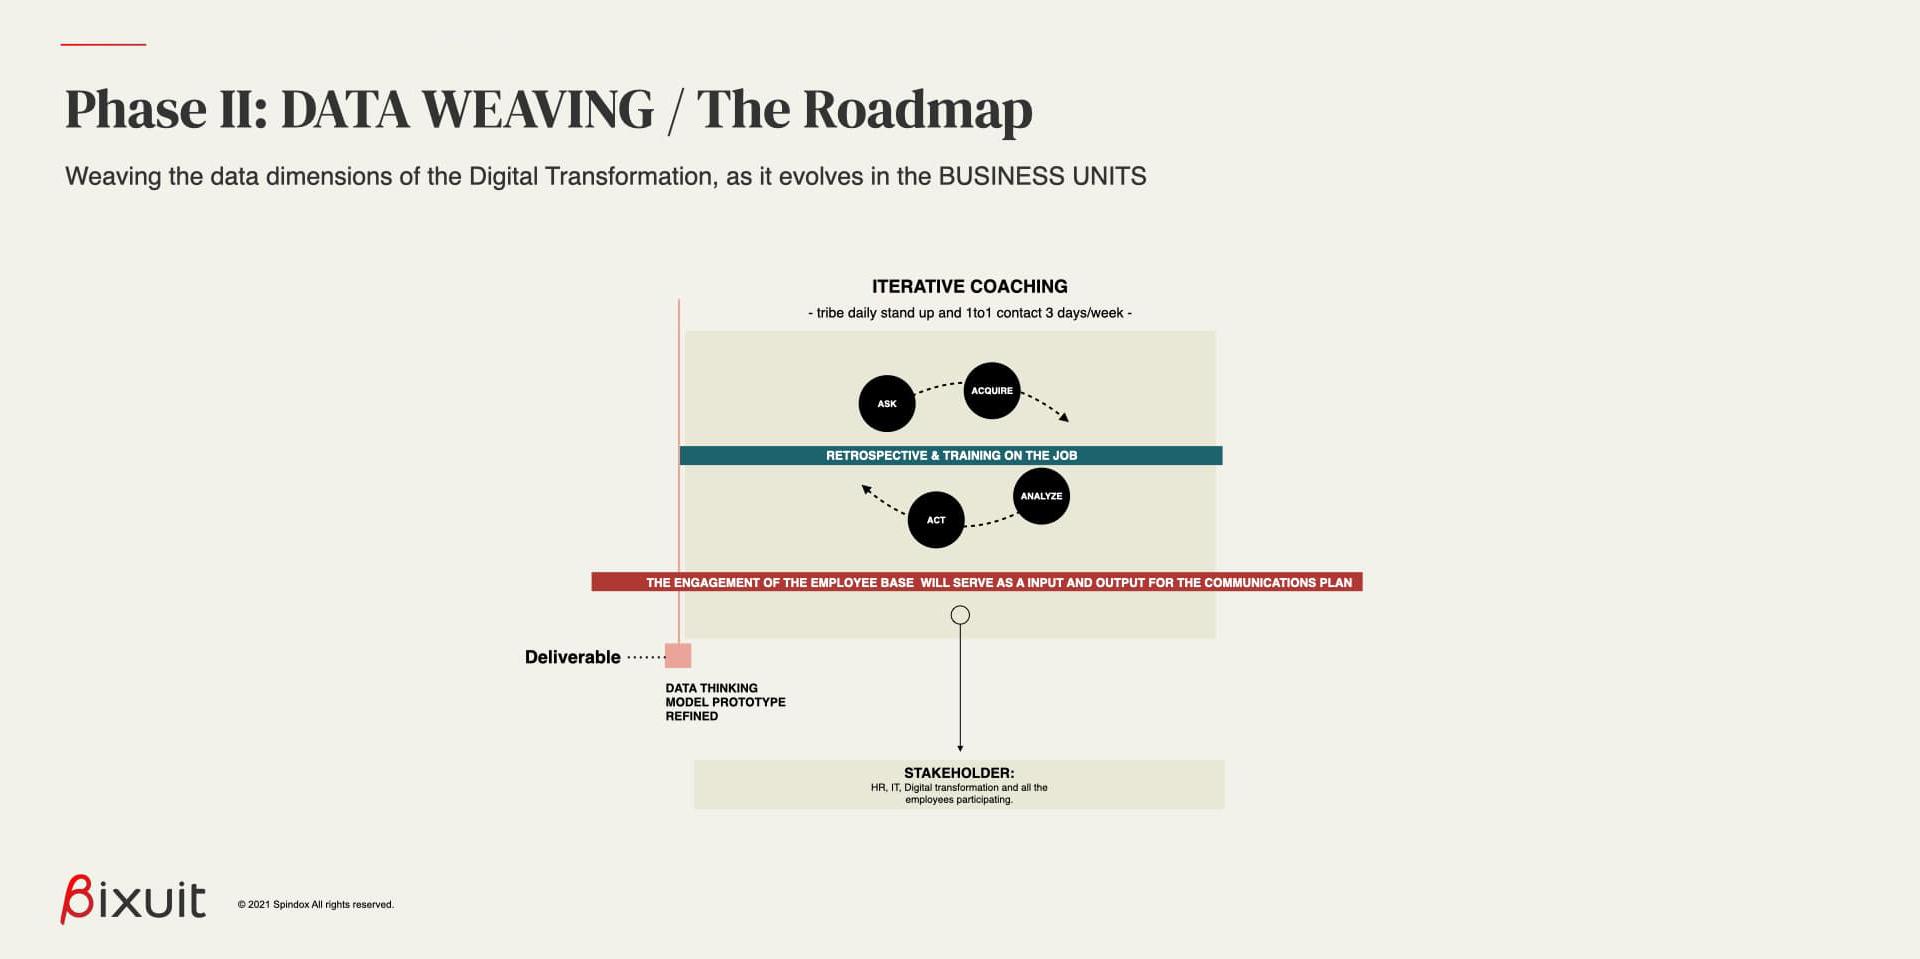 nella fase di data weaving con un approccio iterativo, si affrontano gli ultimi passaggi per raffinare il modello data thinking